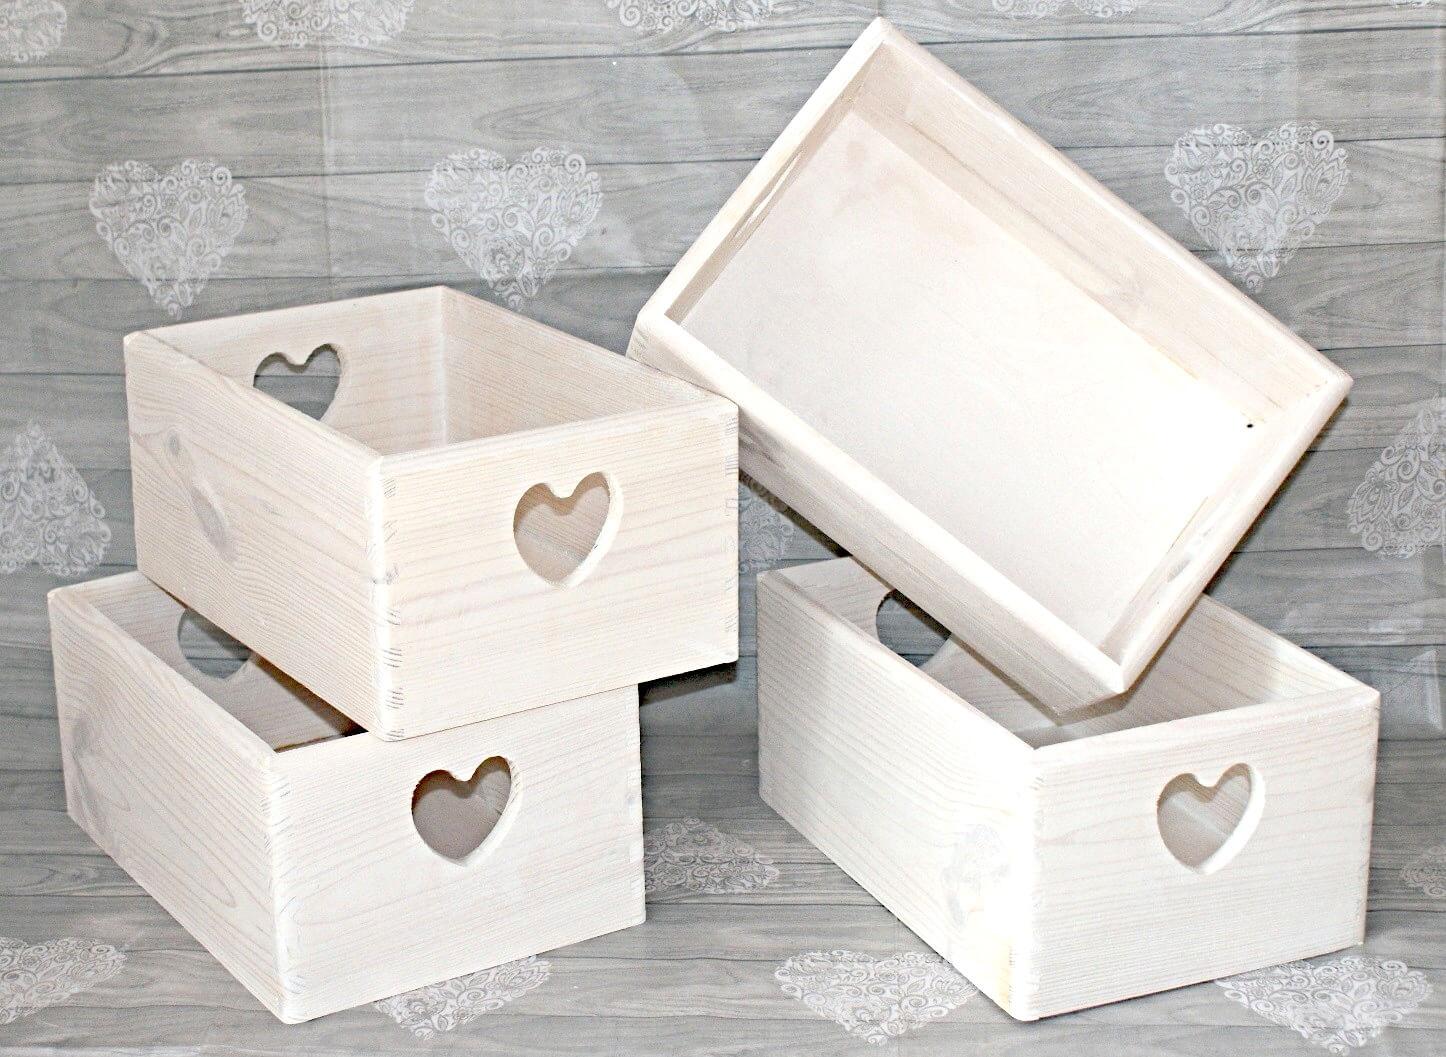 skrzynki drewniane białe